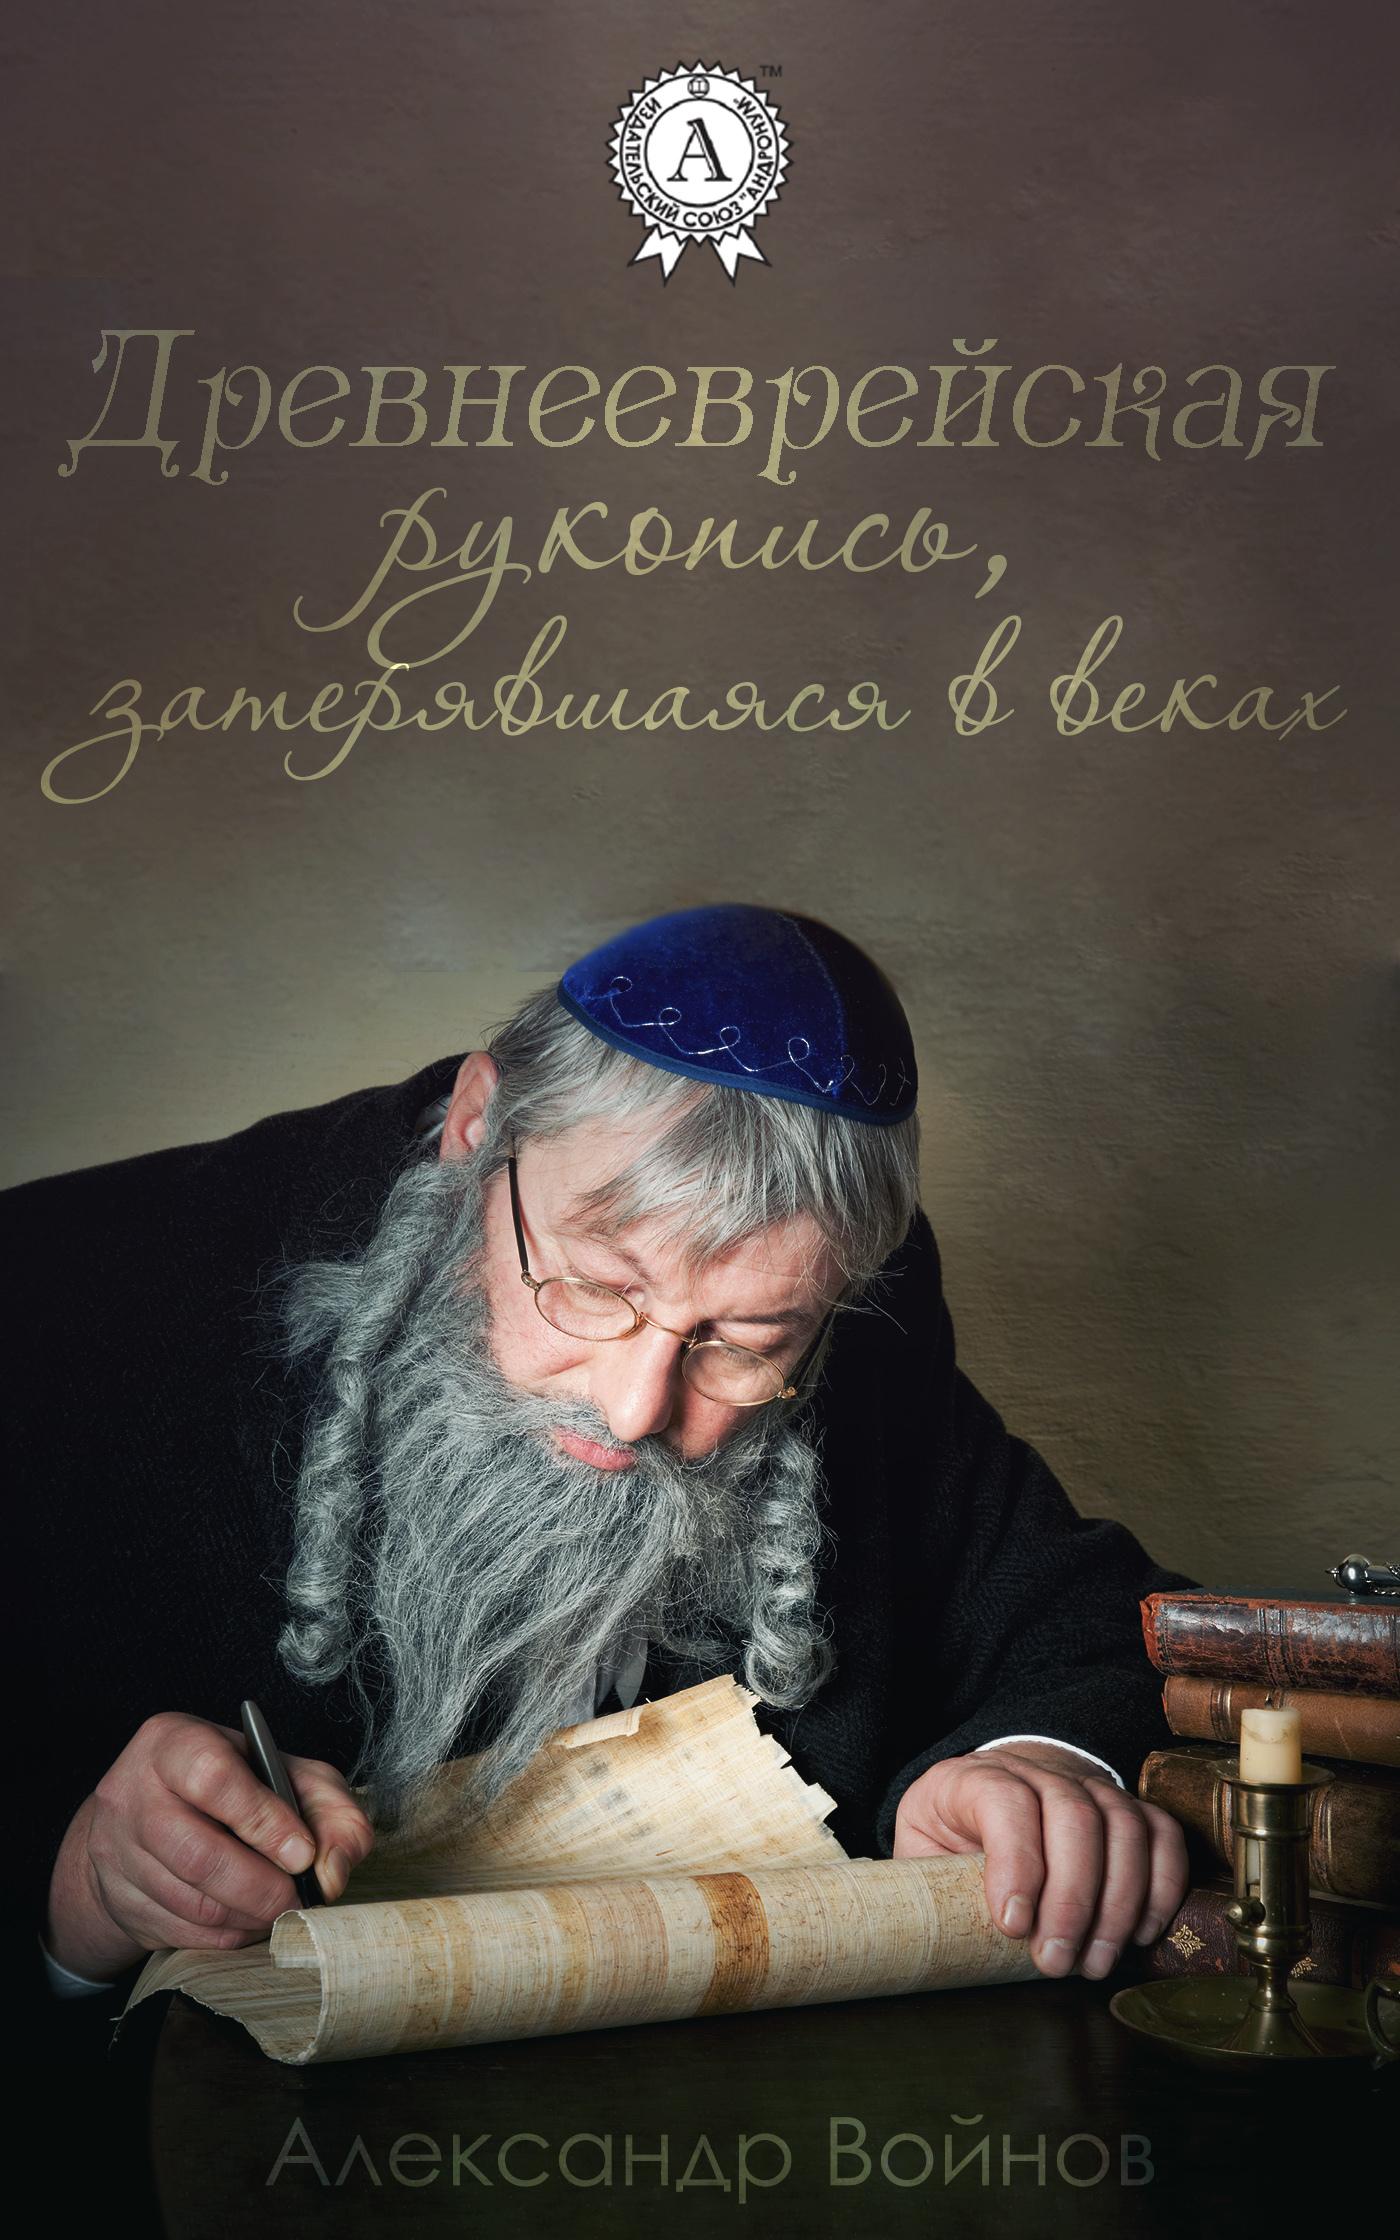 Александр Войнов Древнееврейская рукопись, затерявшаяся в веках александр войнов древнееврейская рукопись затерявшаяся в веках